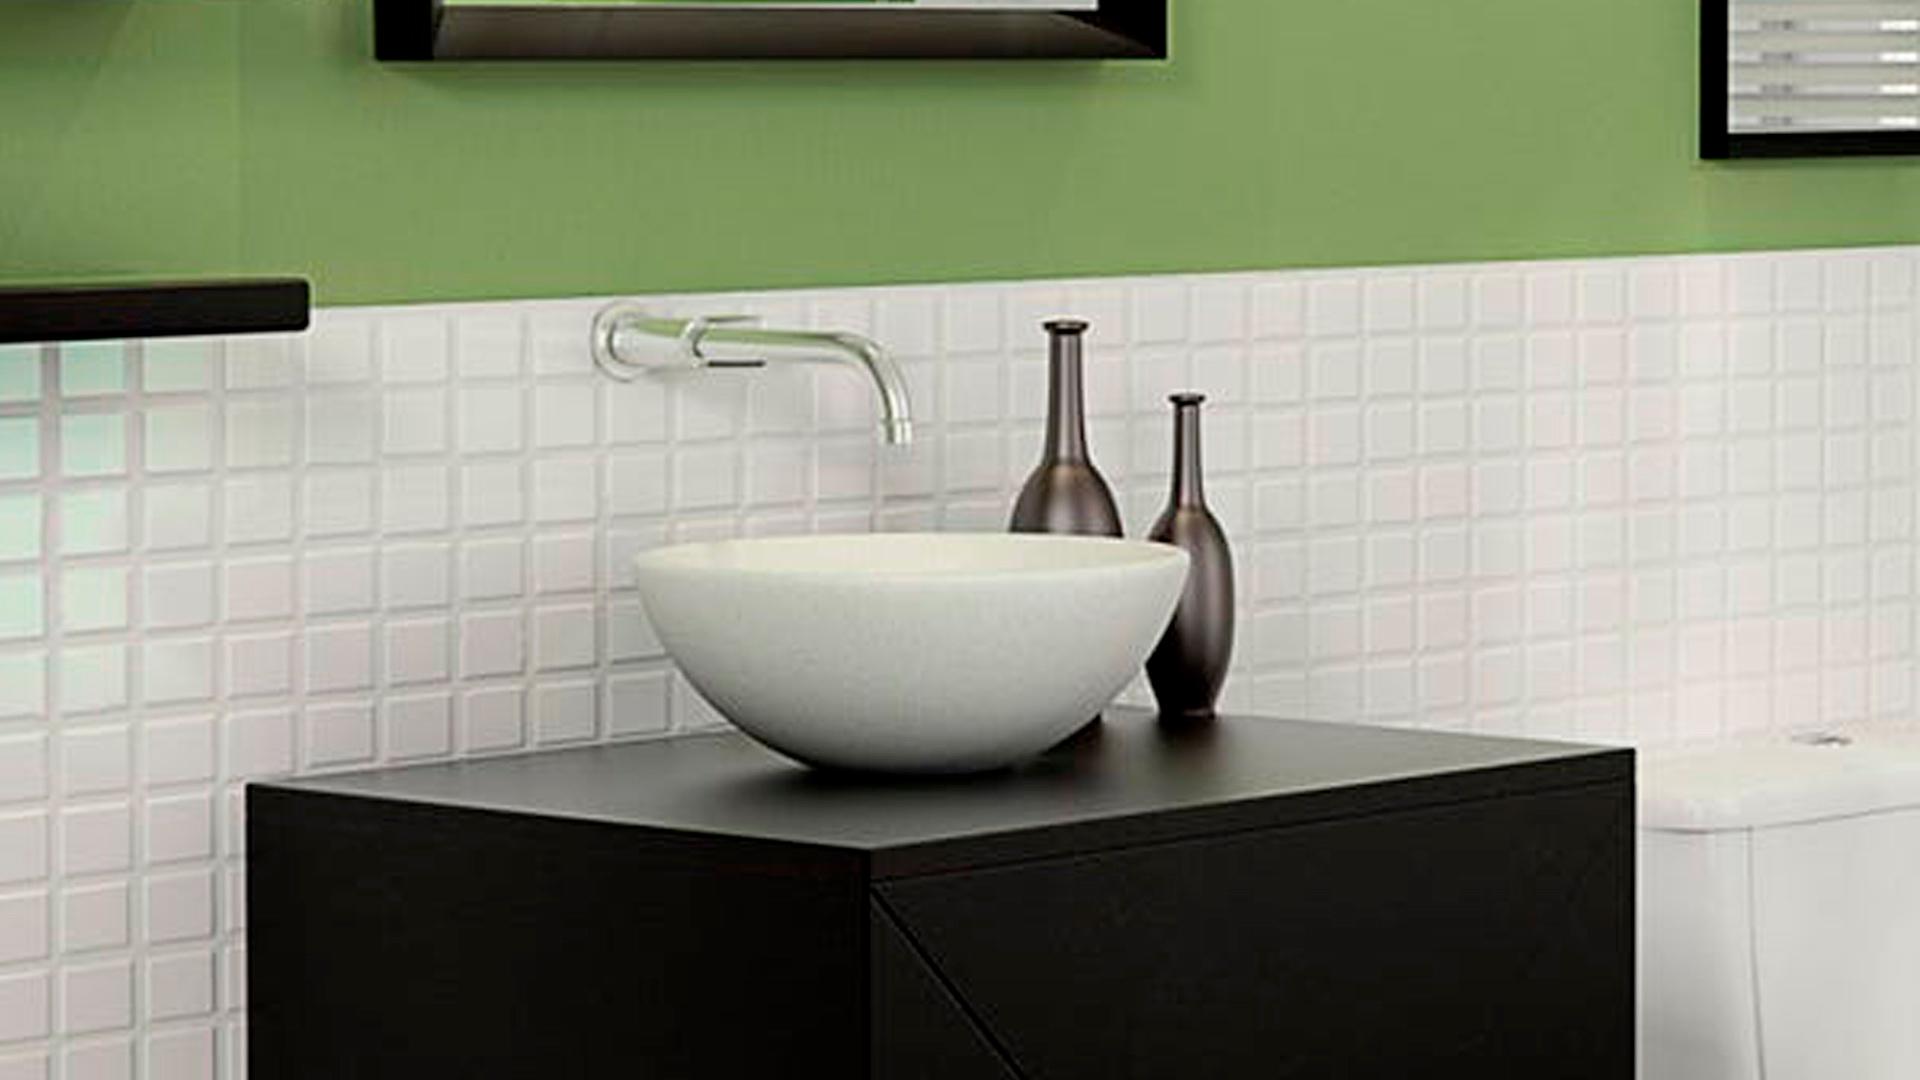 Cuba de Apoio para Banheiro 38x13 cm CAIRO ETERNIT